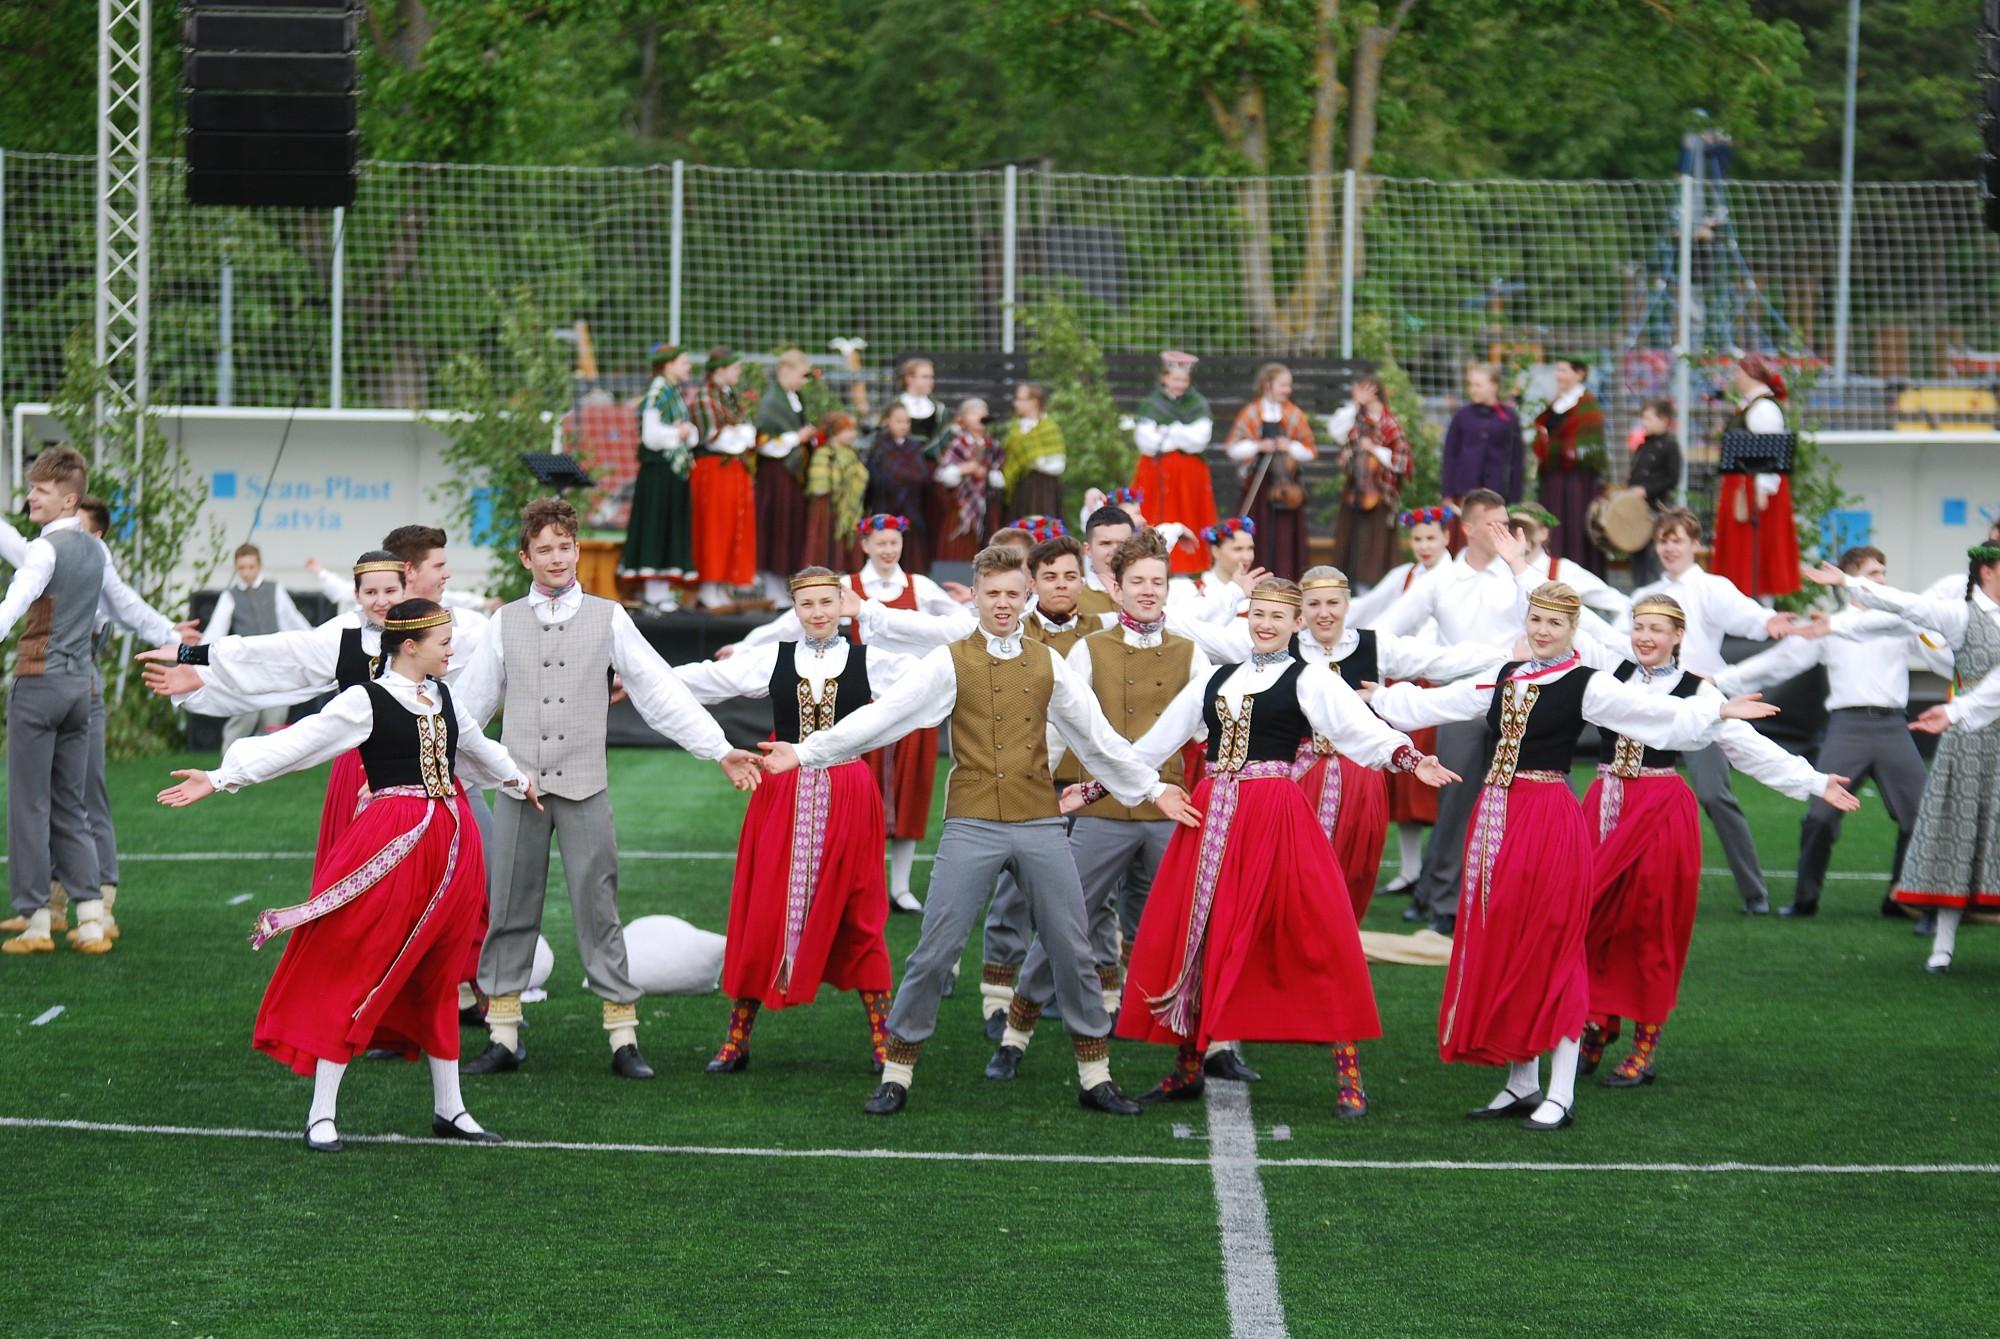 Ģimenes svētku izskaņā – dalībnieku gājiens un tautas deju lielkoncerts